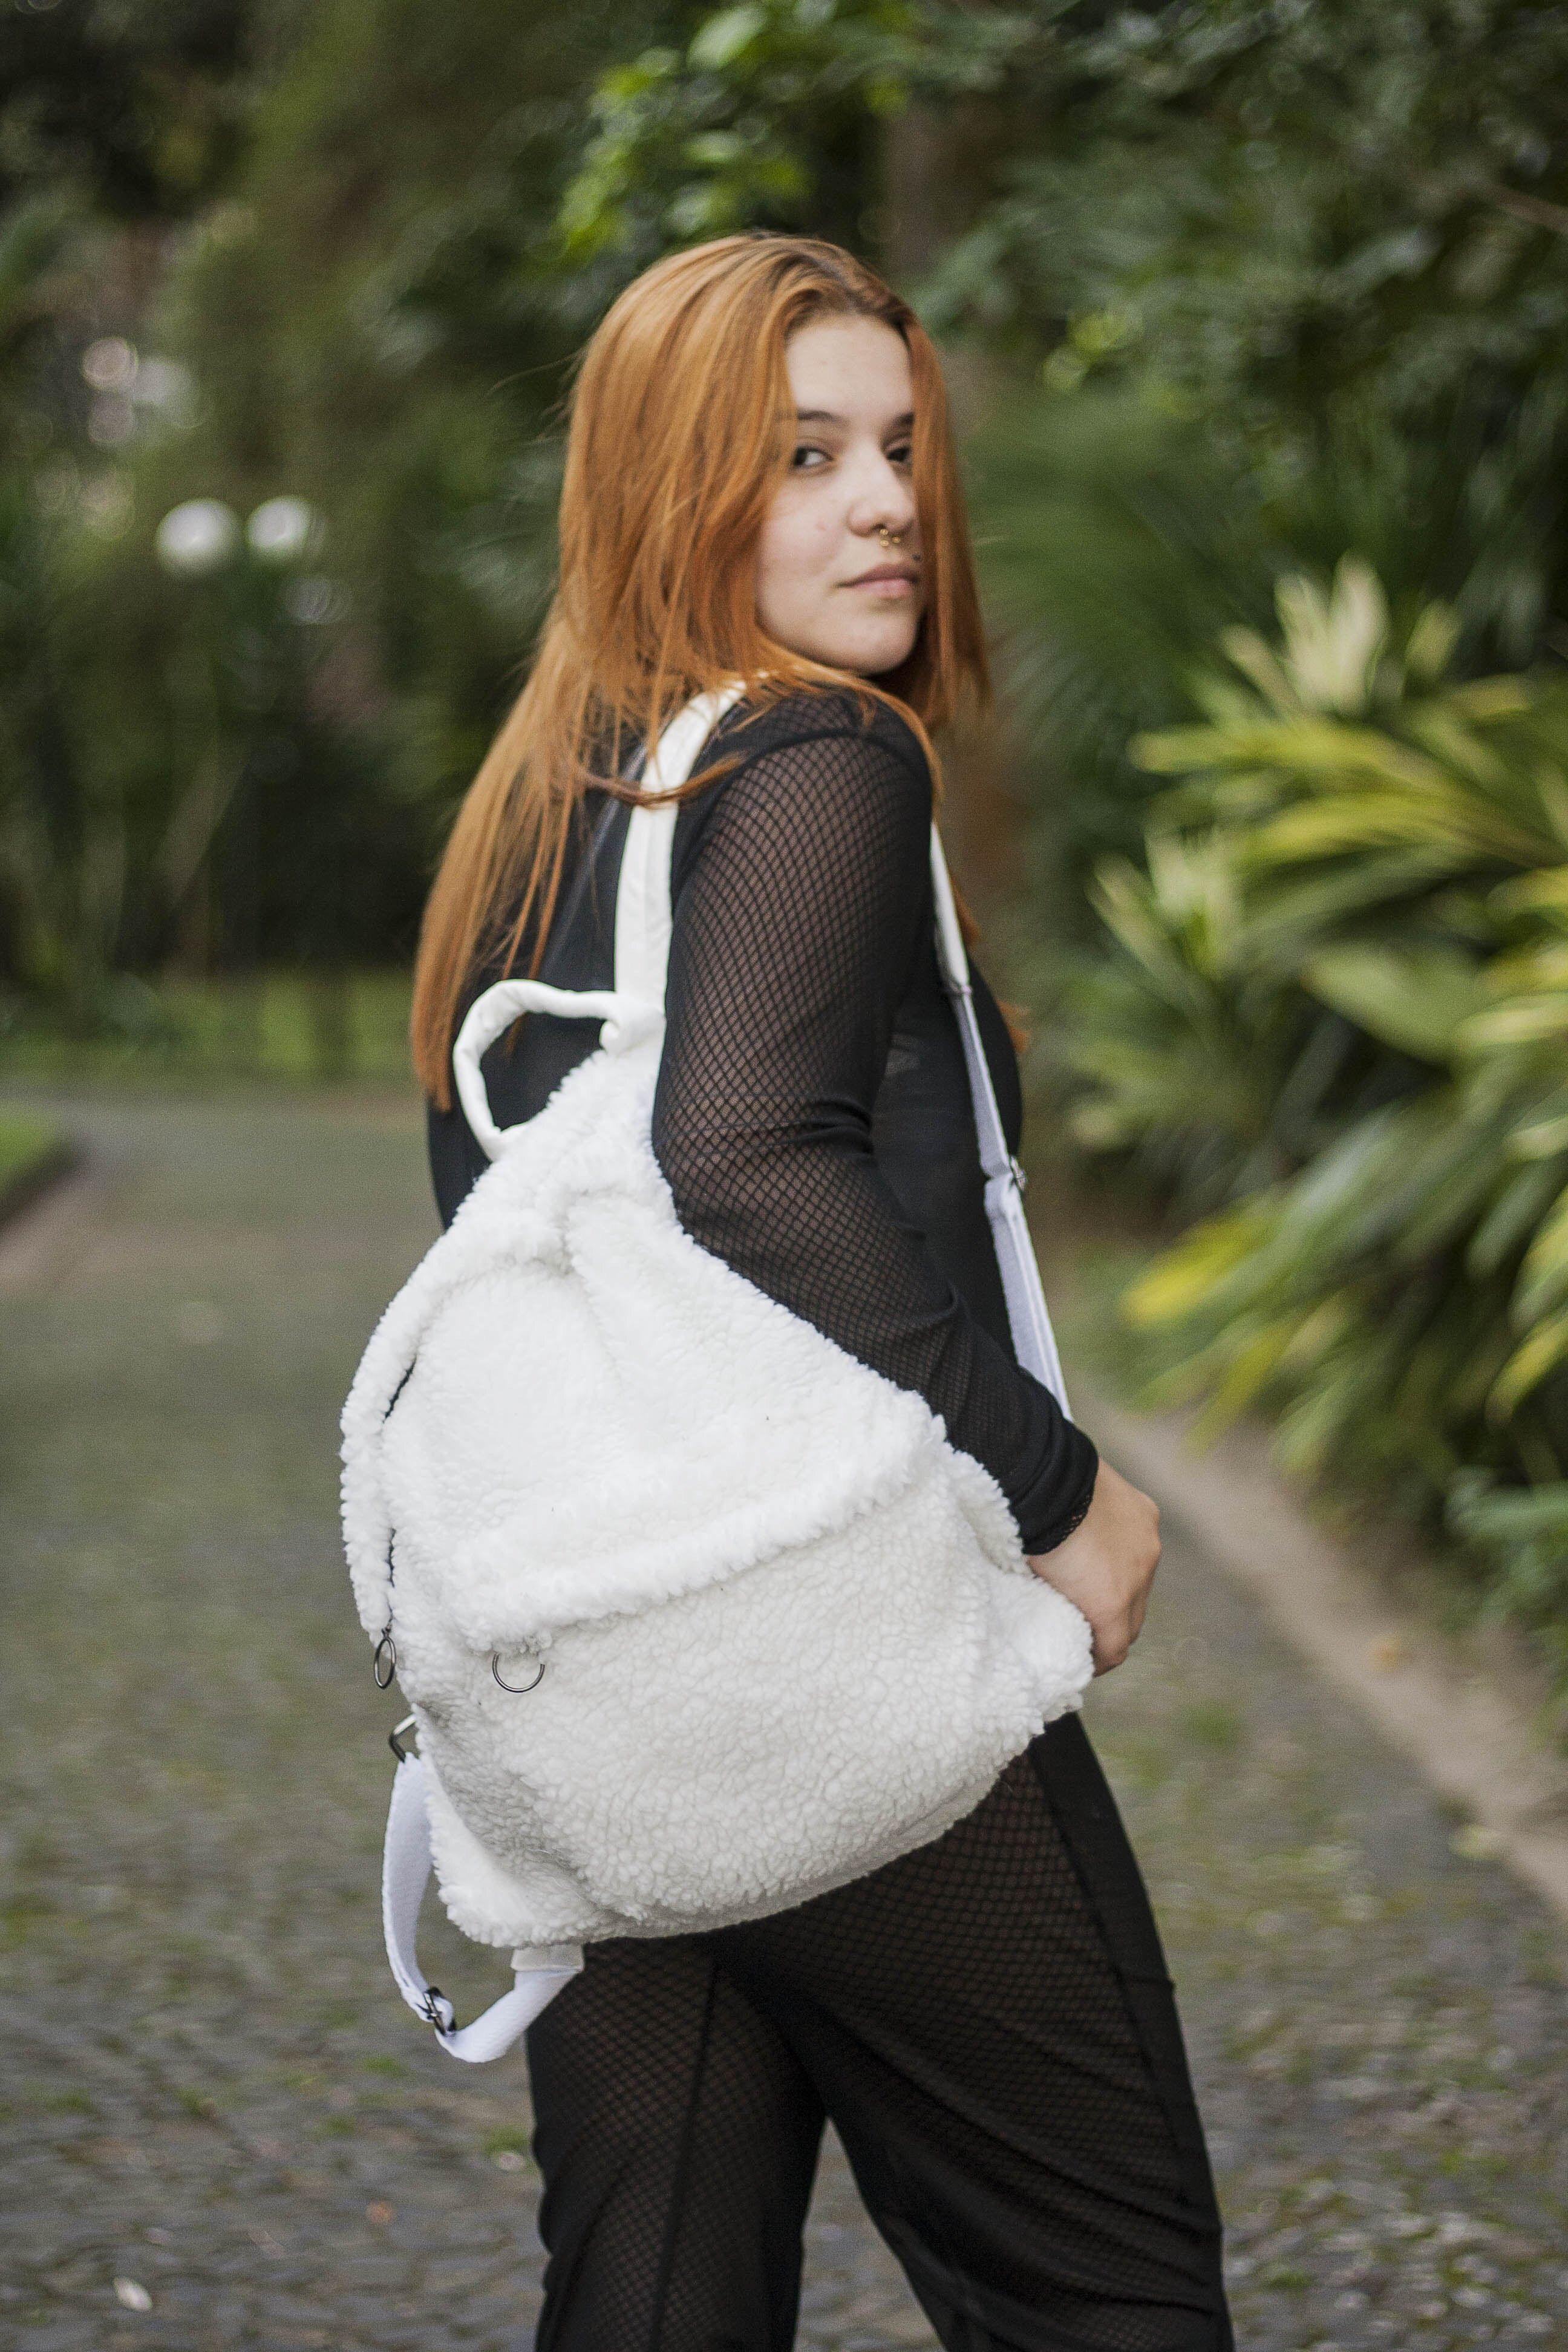 Furry bag bolsa de pelo fur furry moda fashion style trend